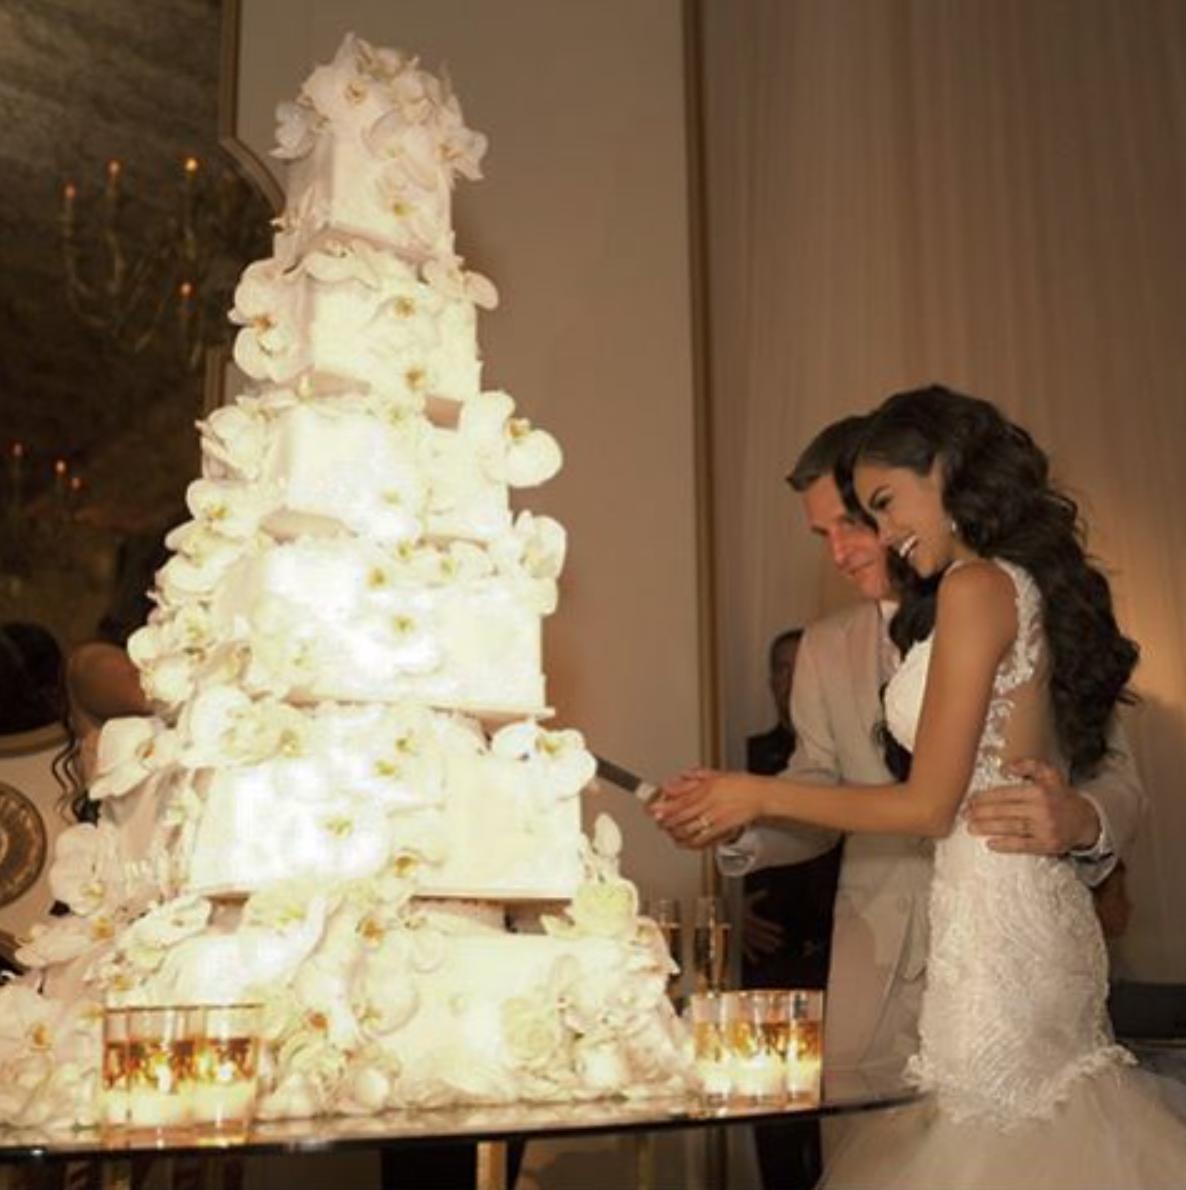 Rob dyrdek wife wedding